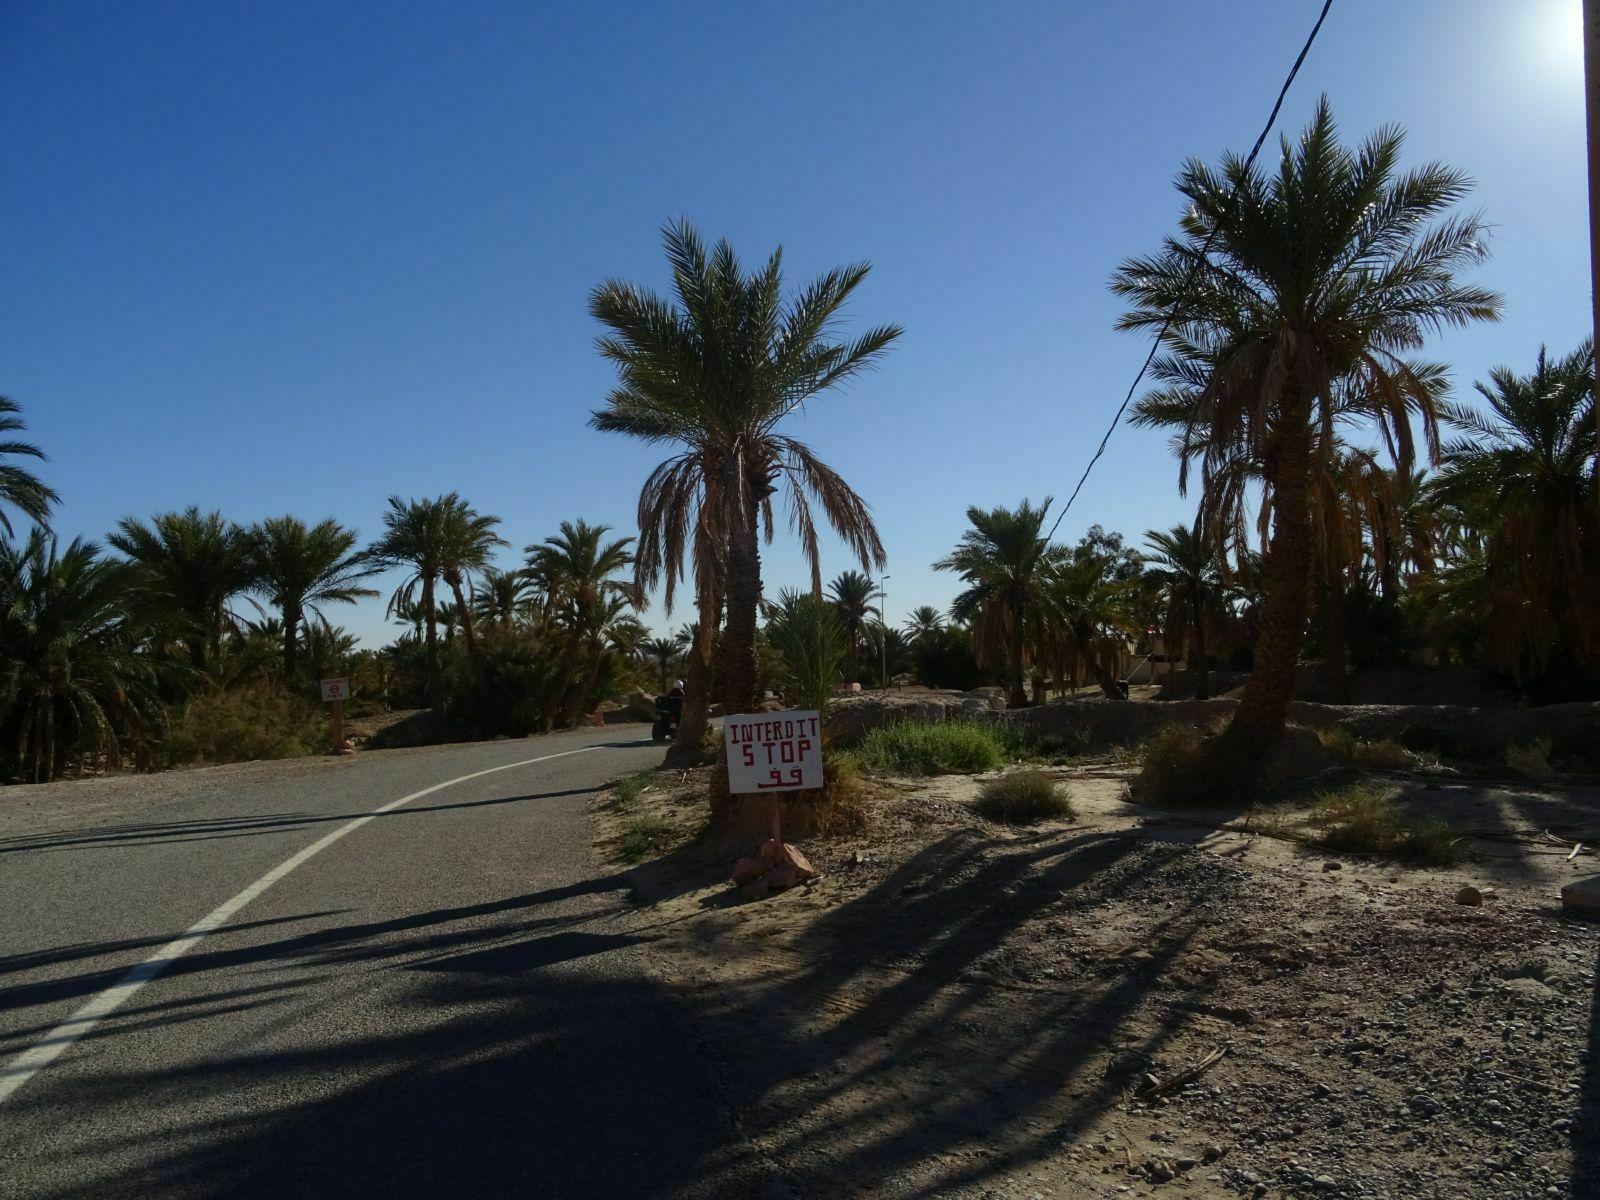 Frontiere algerienne fermee